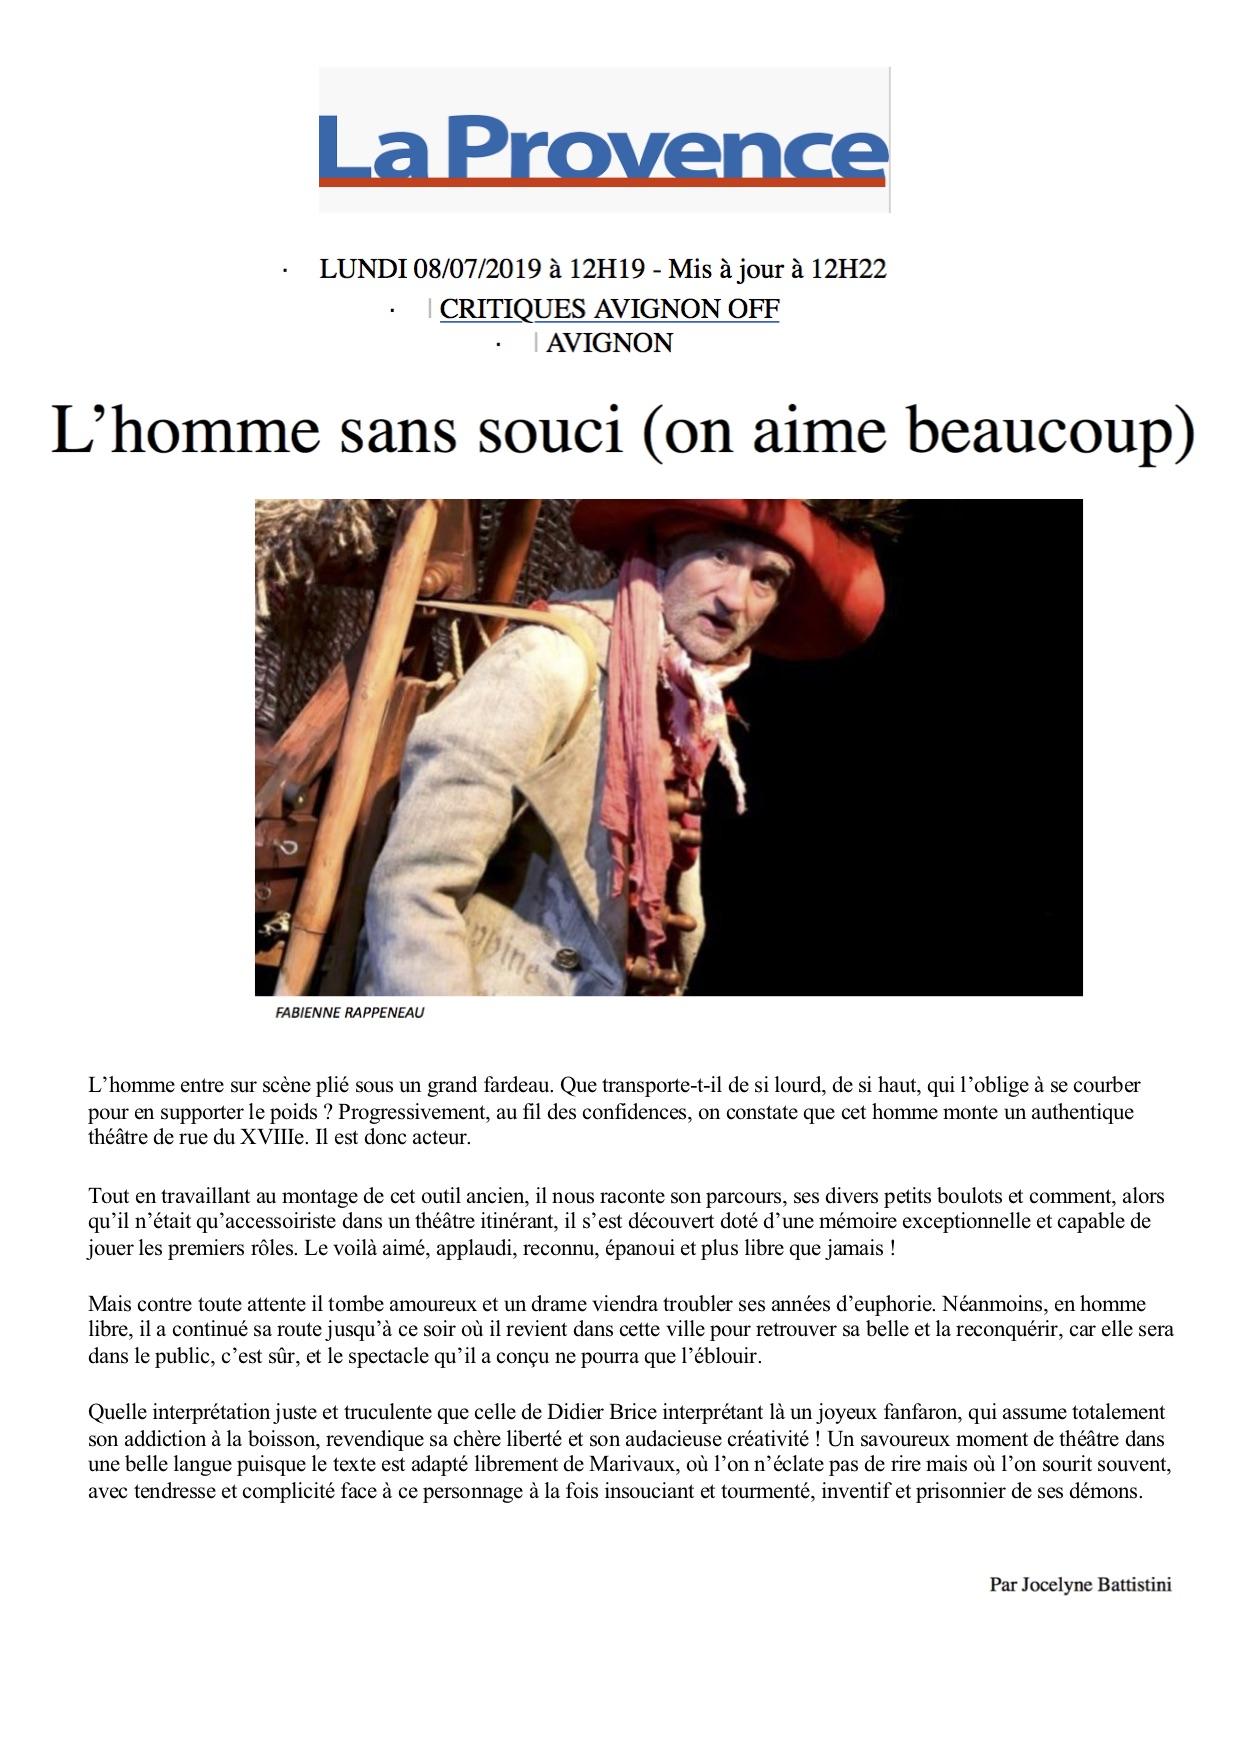 La Provence 08.07.19